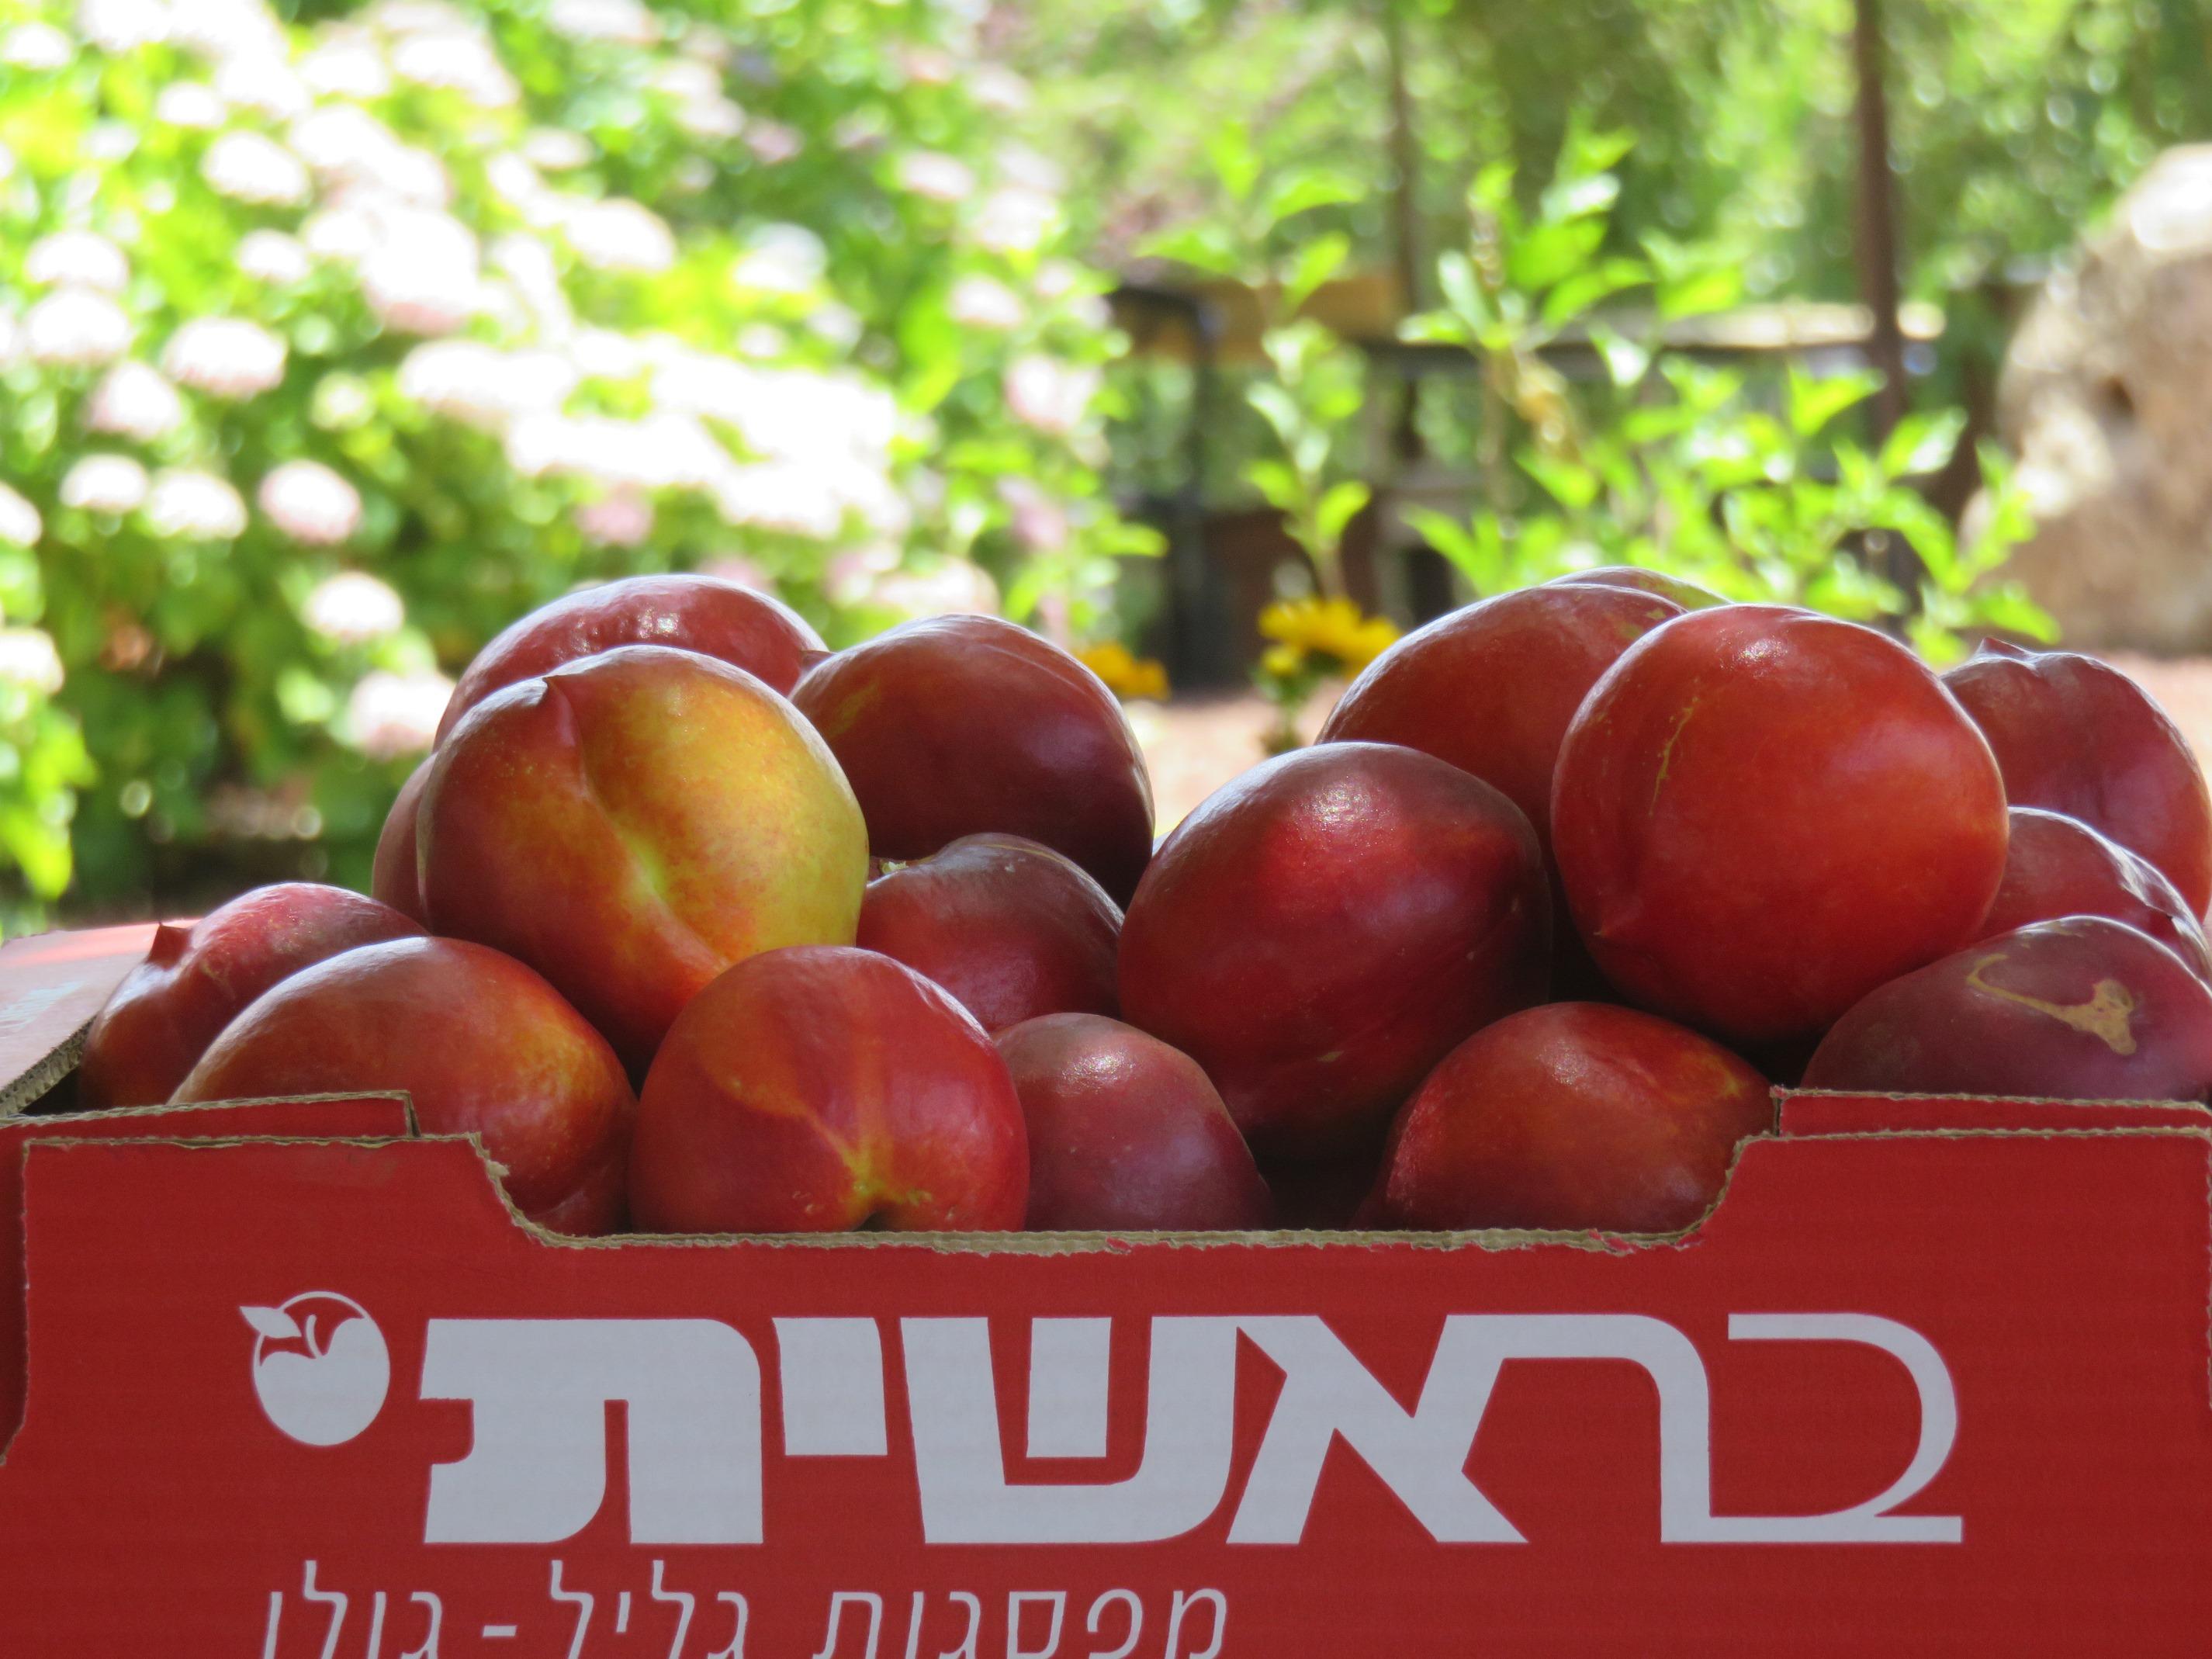 Сбор урожая в саду«Берешит а-Голан»: свежие и спелые нектарины и лесные ягоды – прямо с ветки